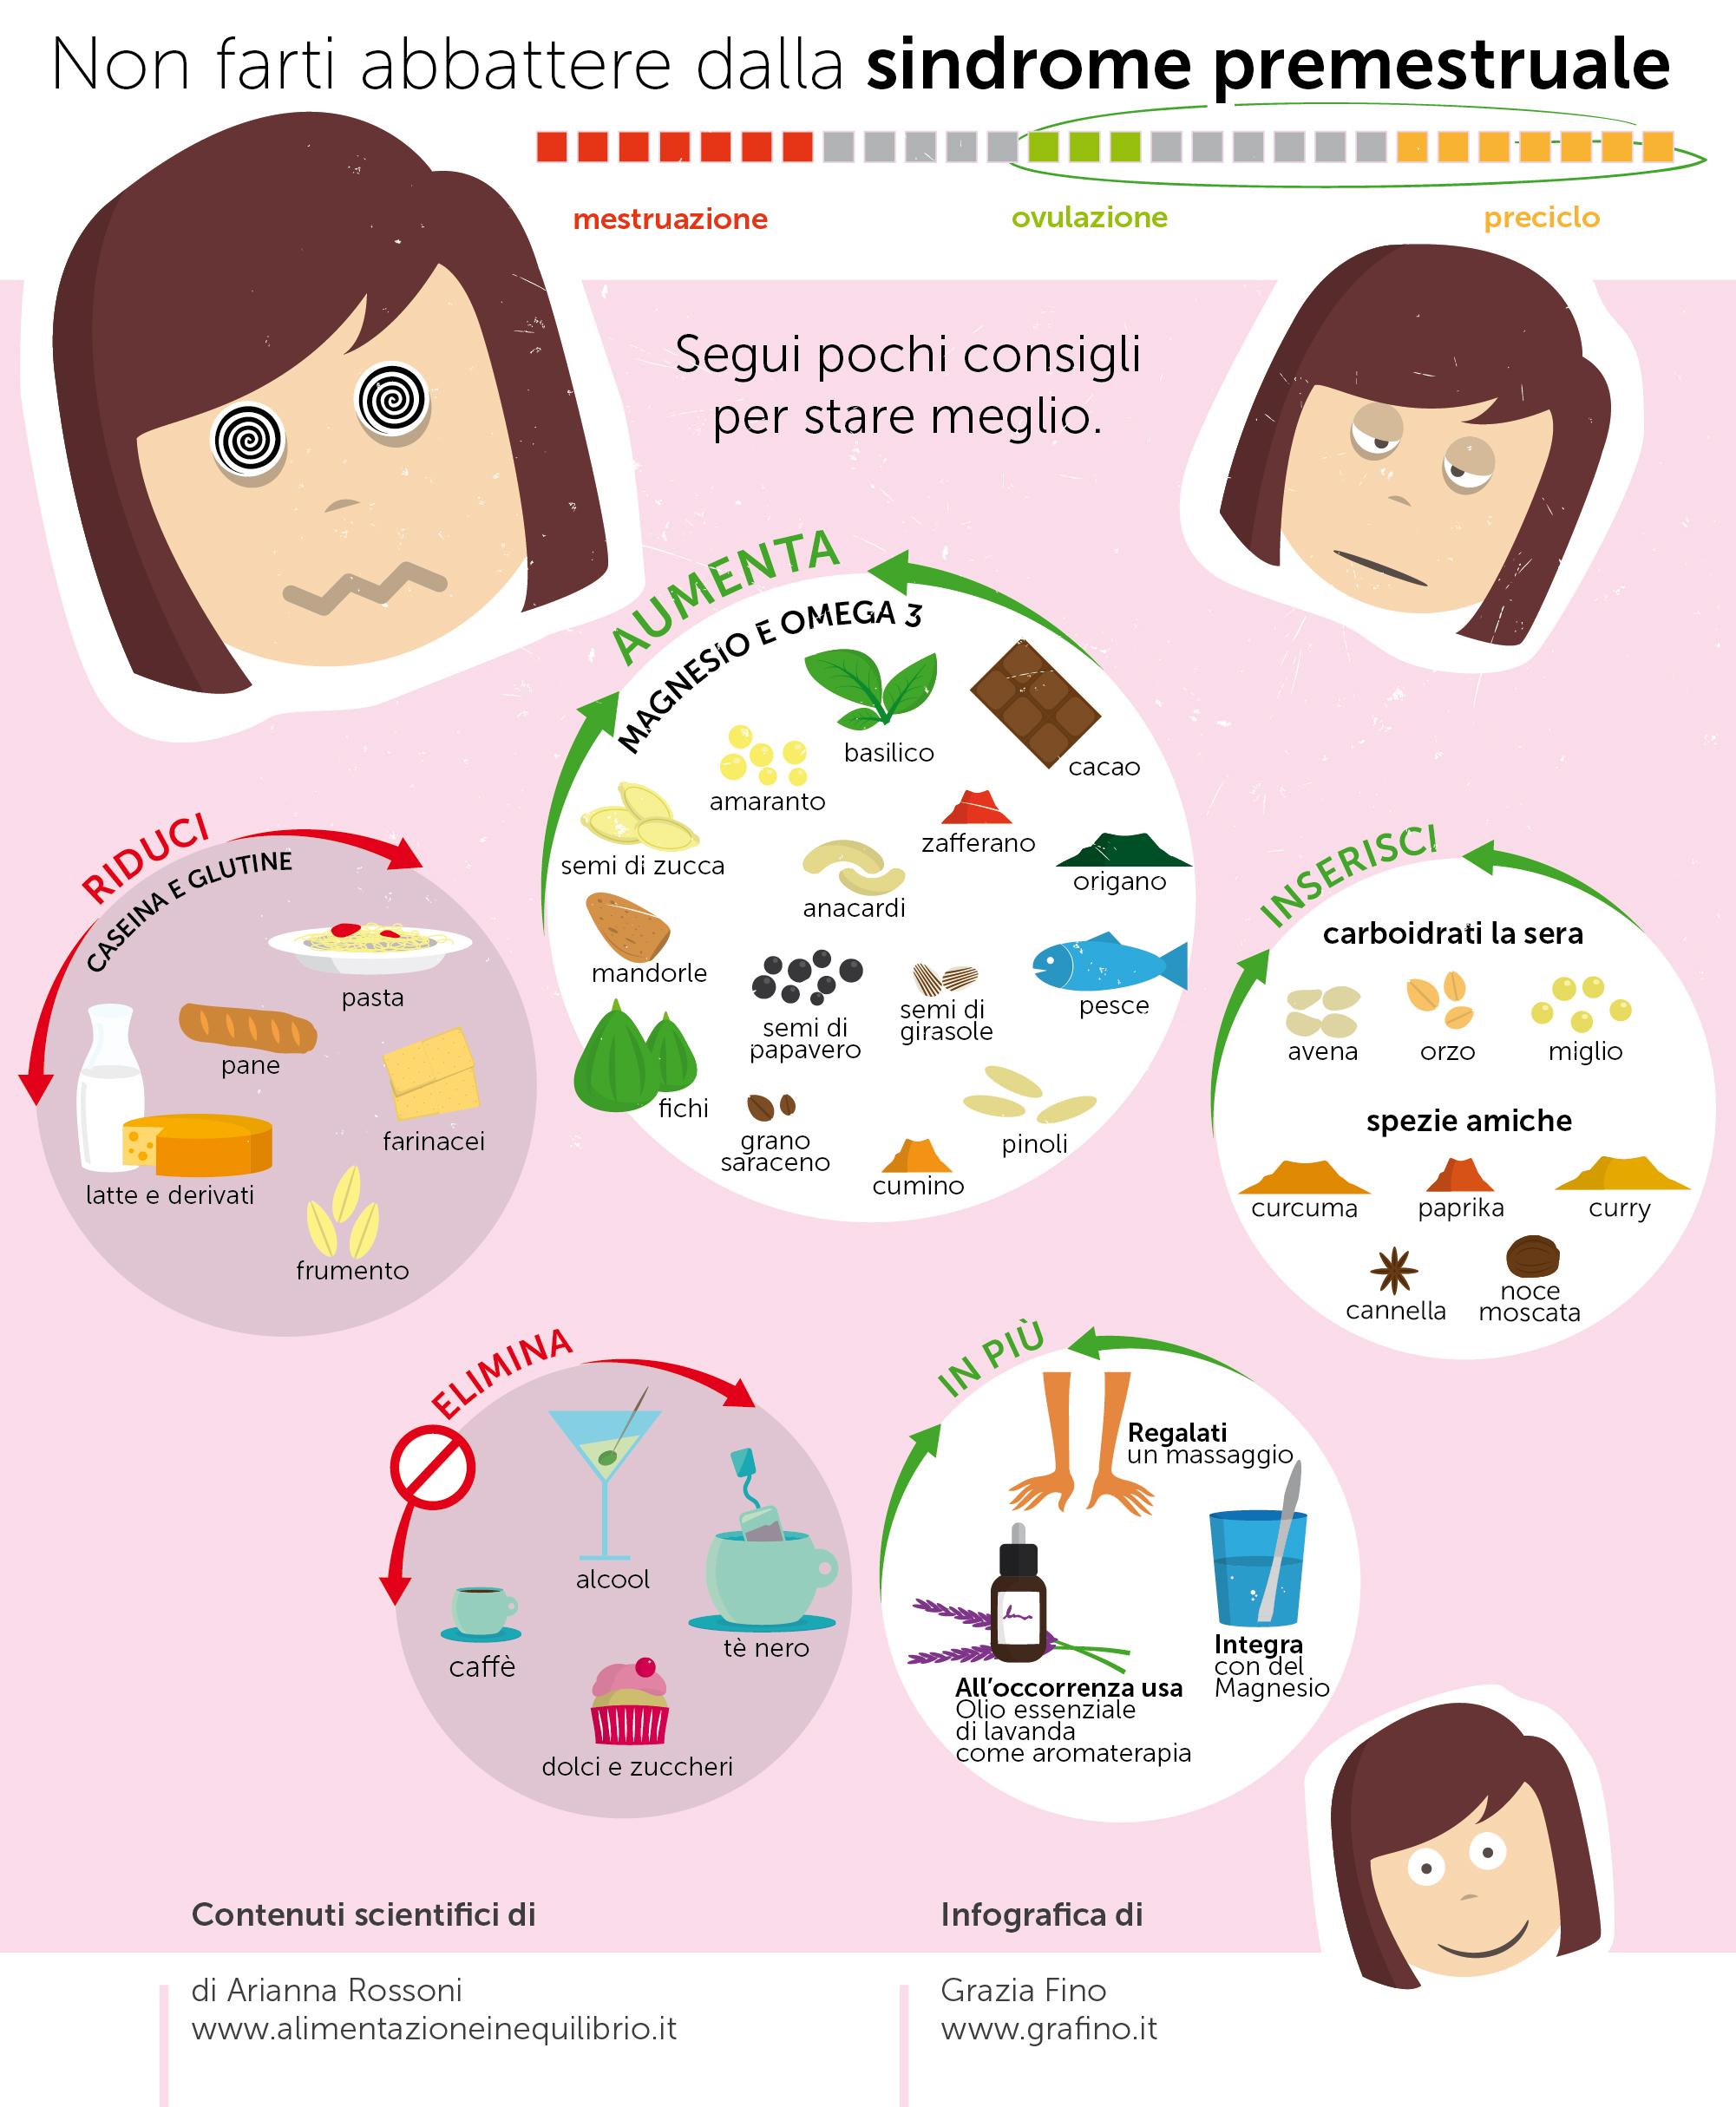 Sindrome-premestruale-infografica-grafino